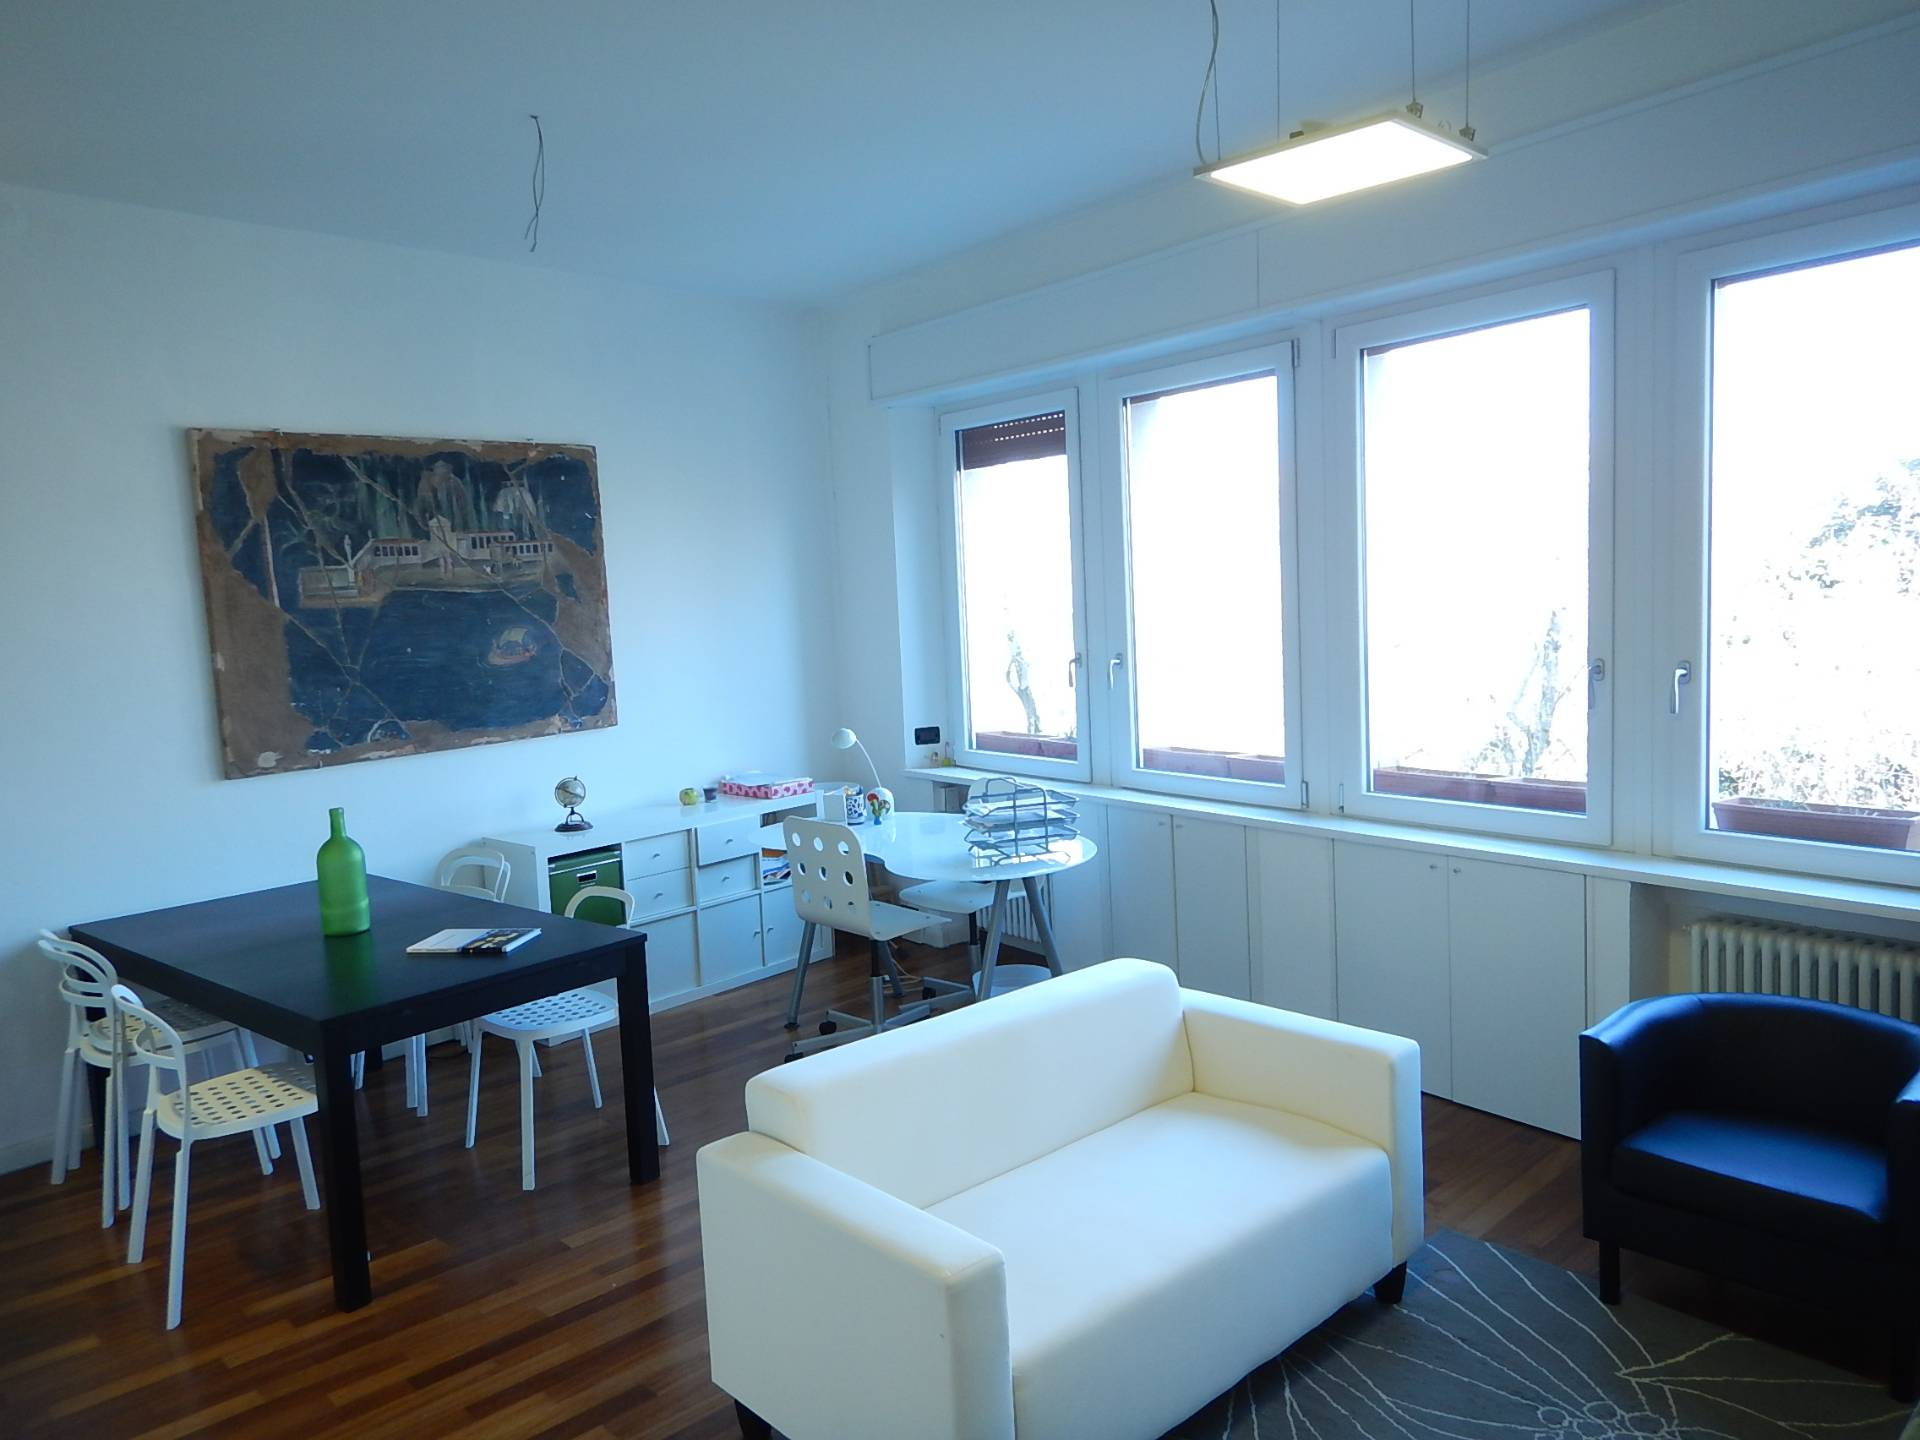 Ufficio / Studio in vendita a Ferrara, 9999 locali, zona Località: Centrostorico, prezzo € 110.000 | Cambio Casa.it